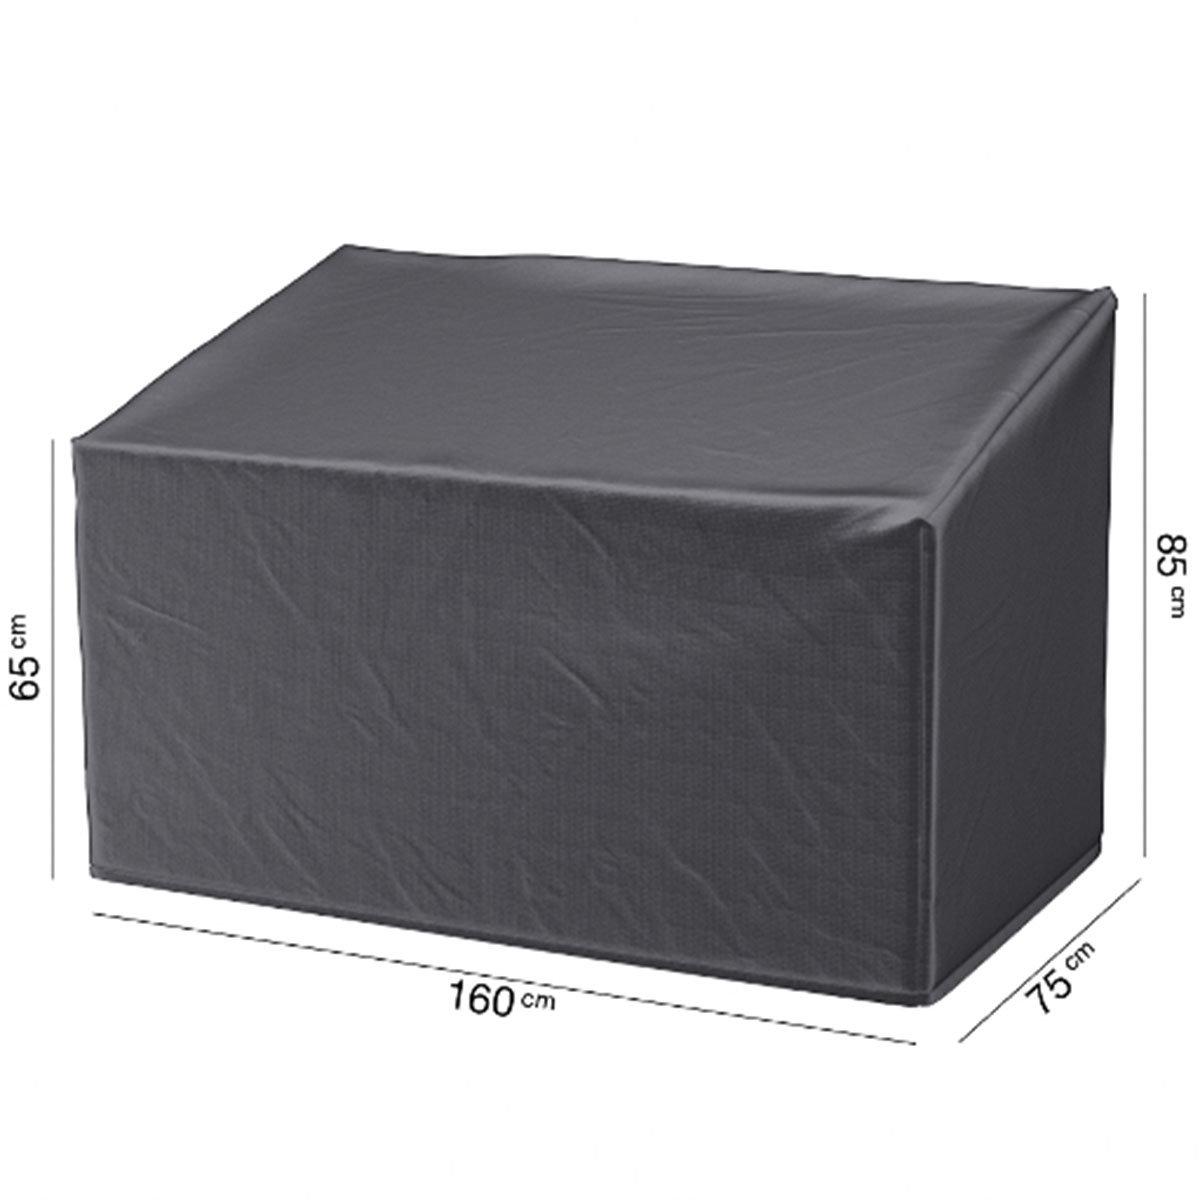 Schutzhülle AquaShield für Bänke, 160 cm | #3